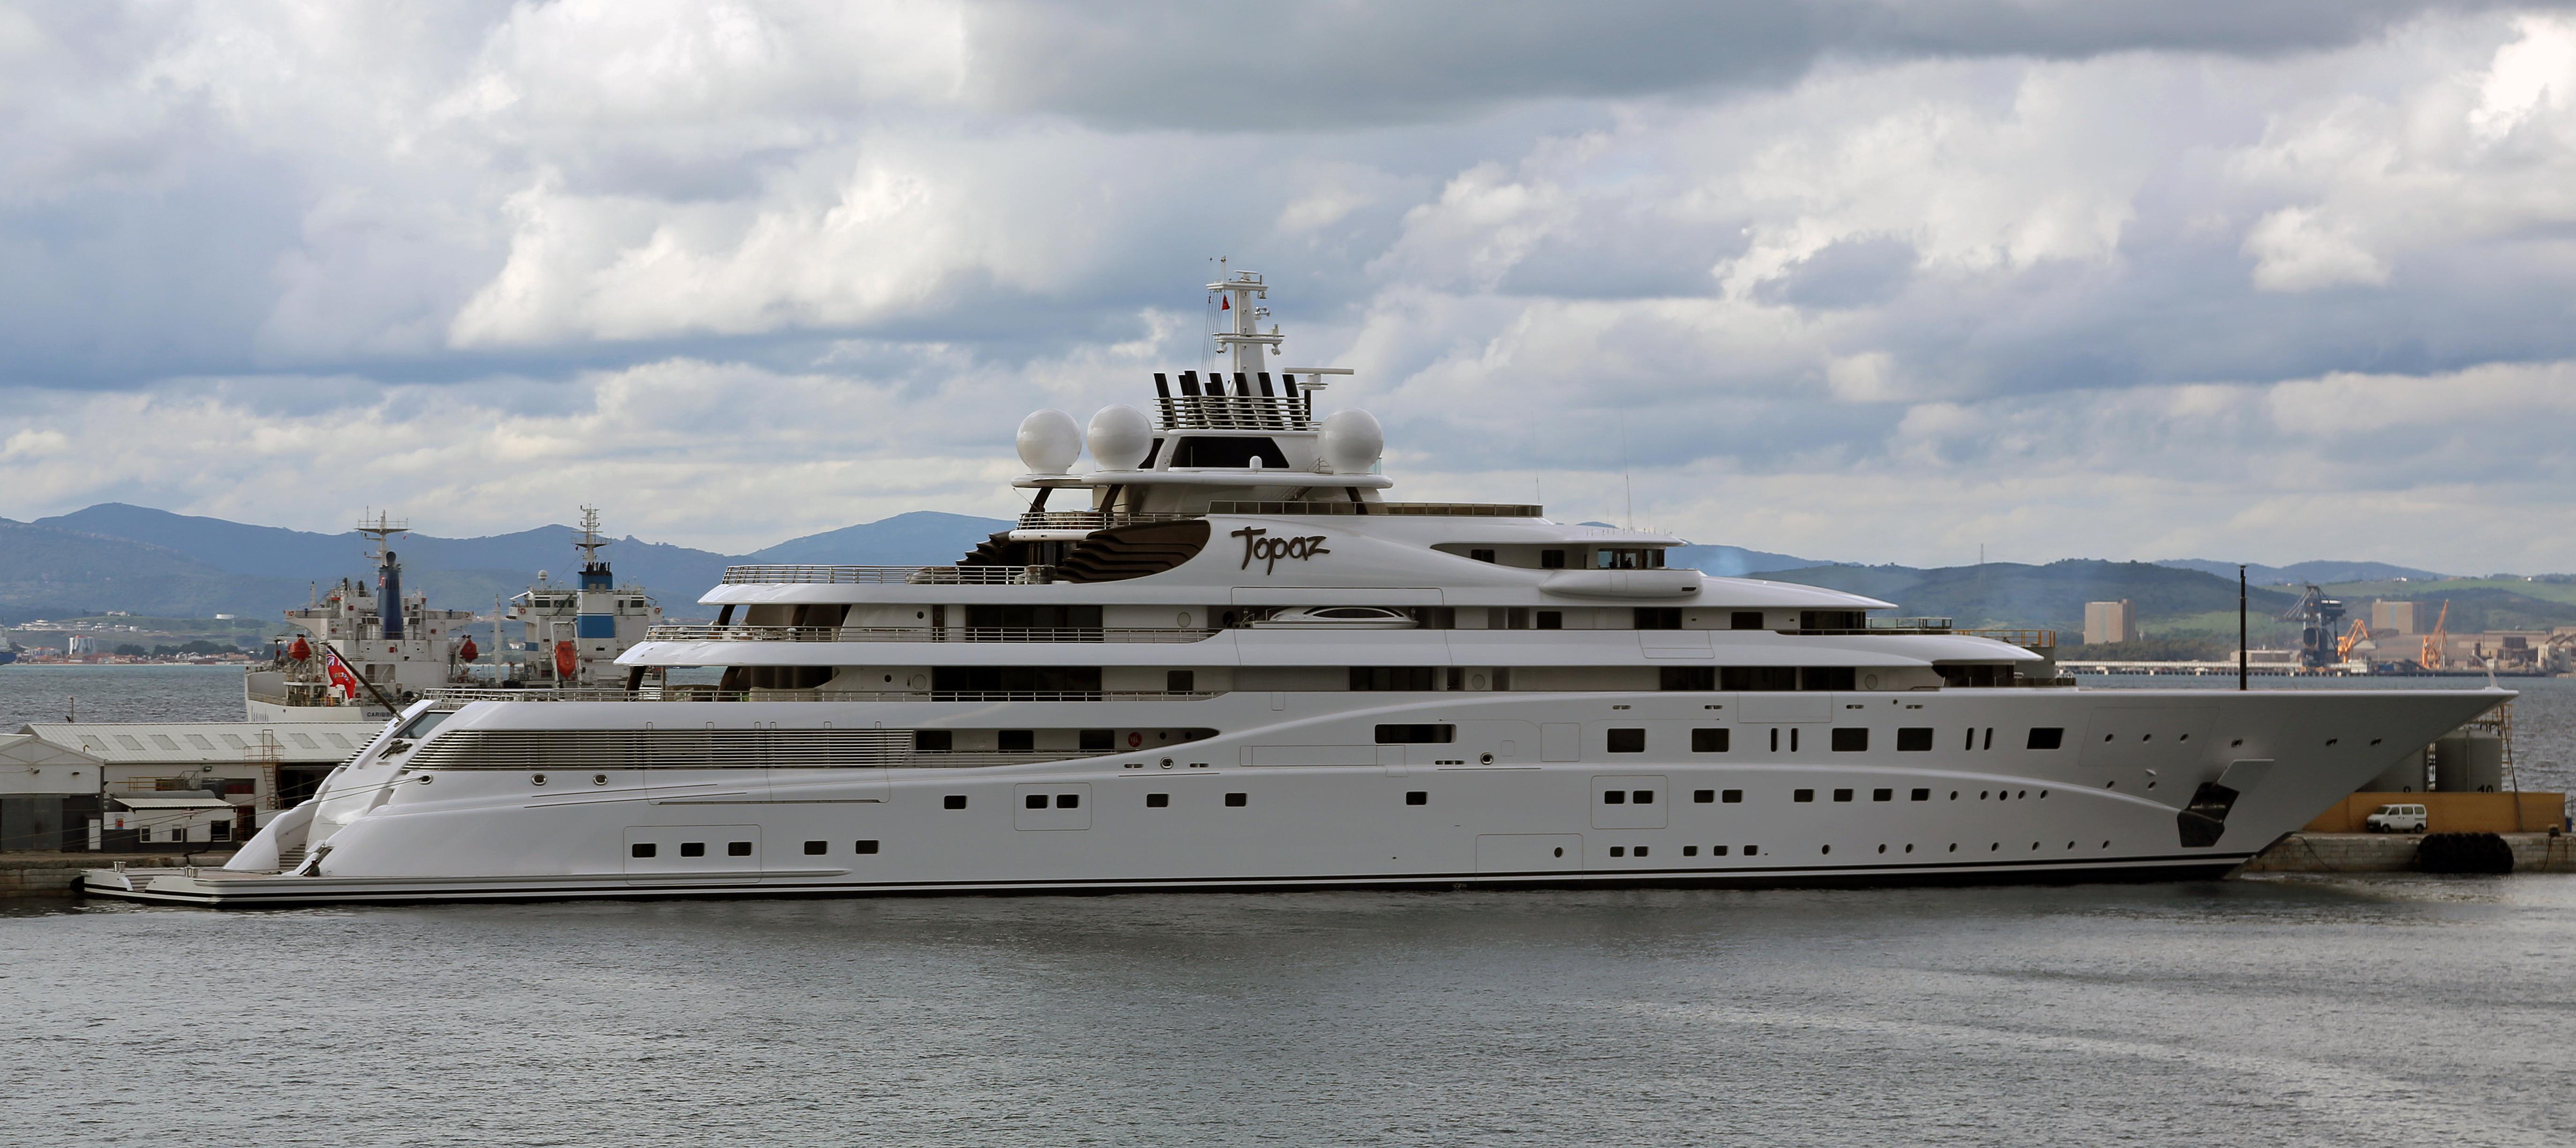 Topaz Yacht Wikipedia